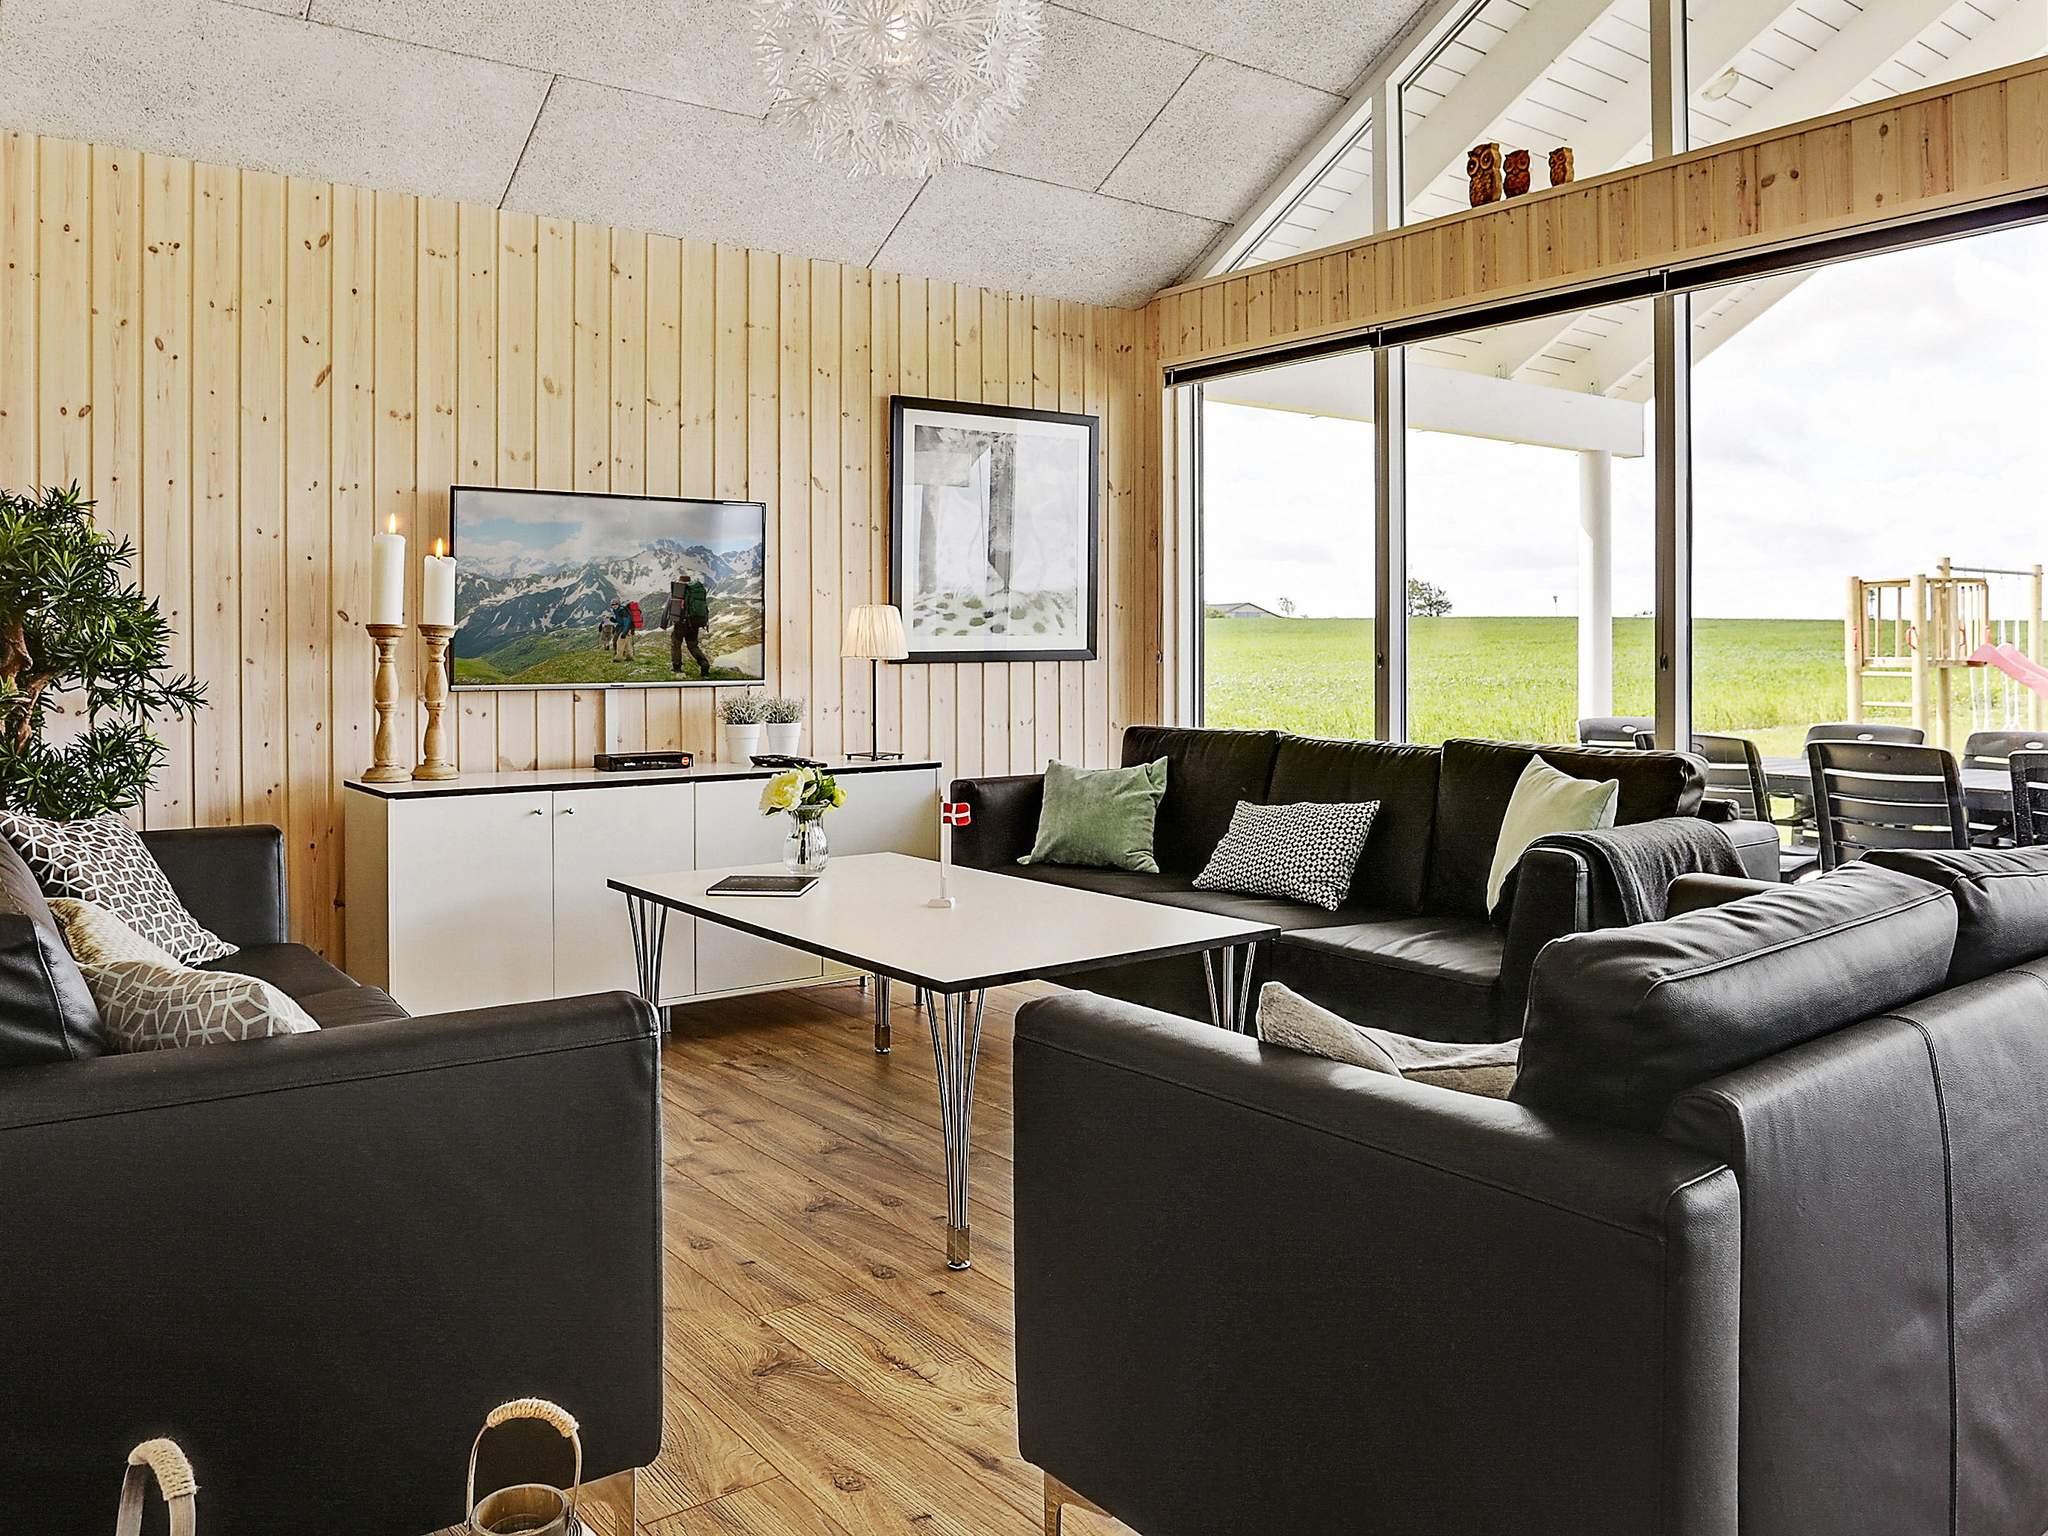 Ferienhaus Skåstrup Strand (921226), Skåstrup, , Fünen, Dänemark, Bild 16